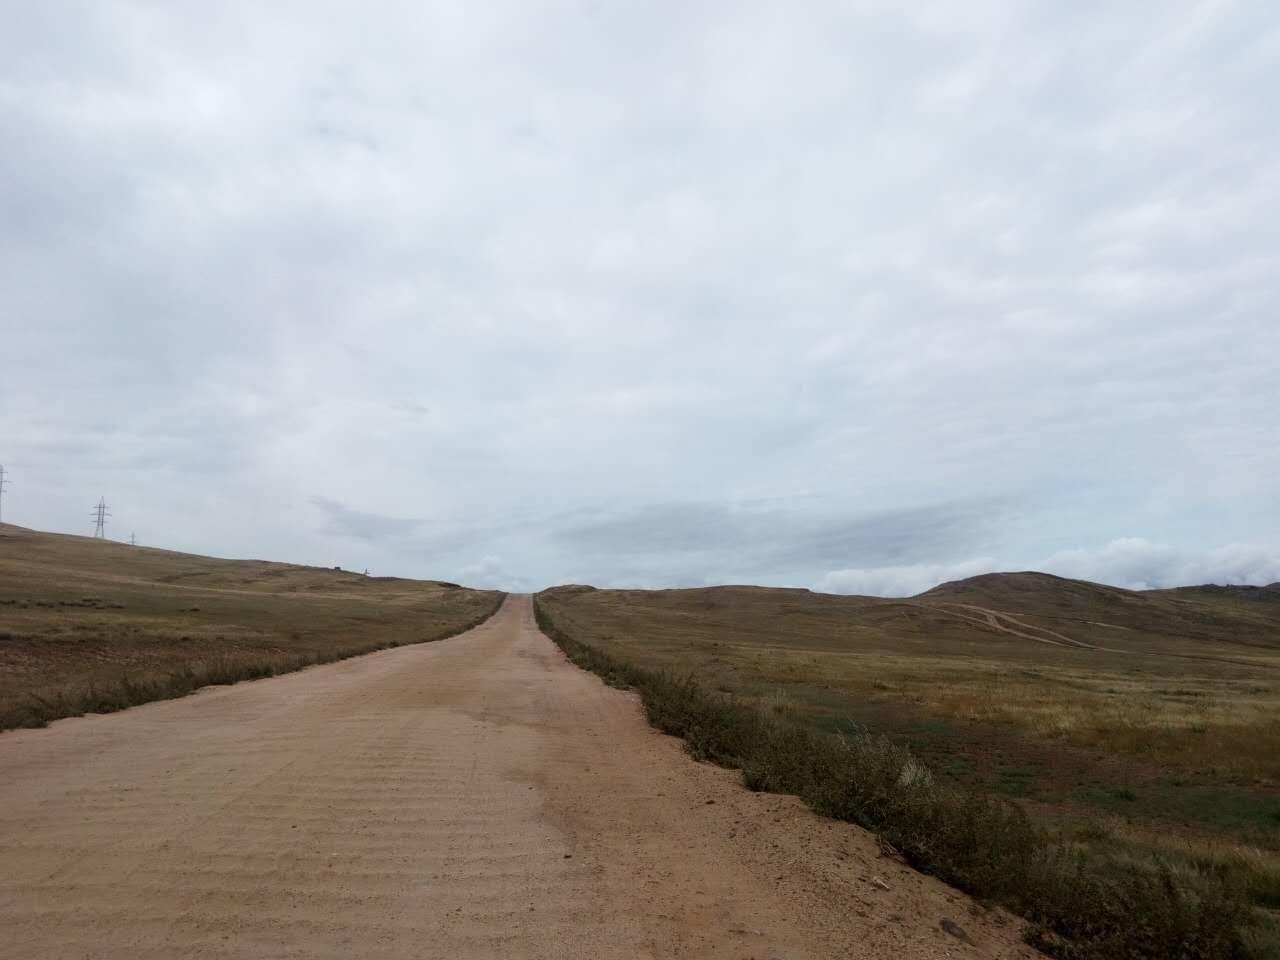 (游记散文)西伯利亚明珠    作者:竹荪 - 卡莎 - 卡莎(Kasahelen)的博客